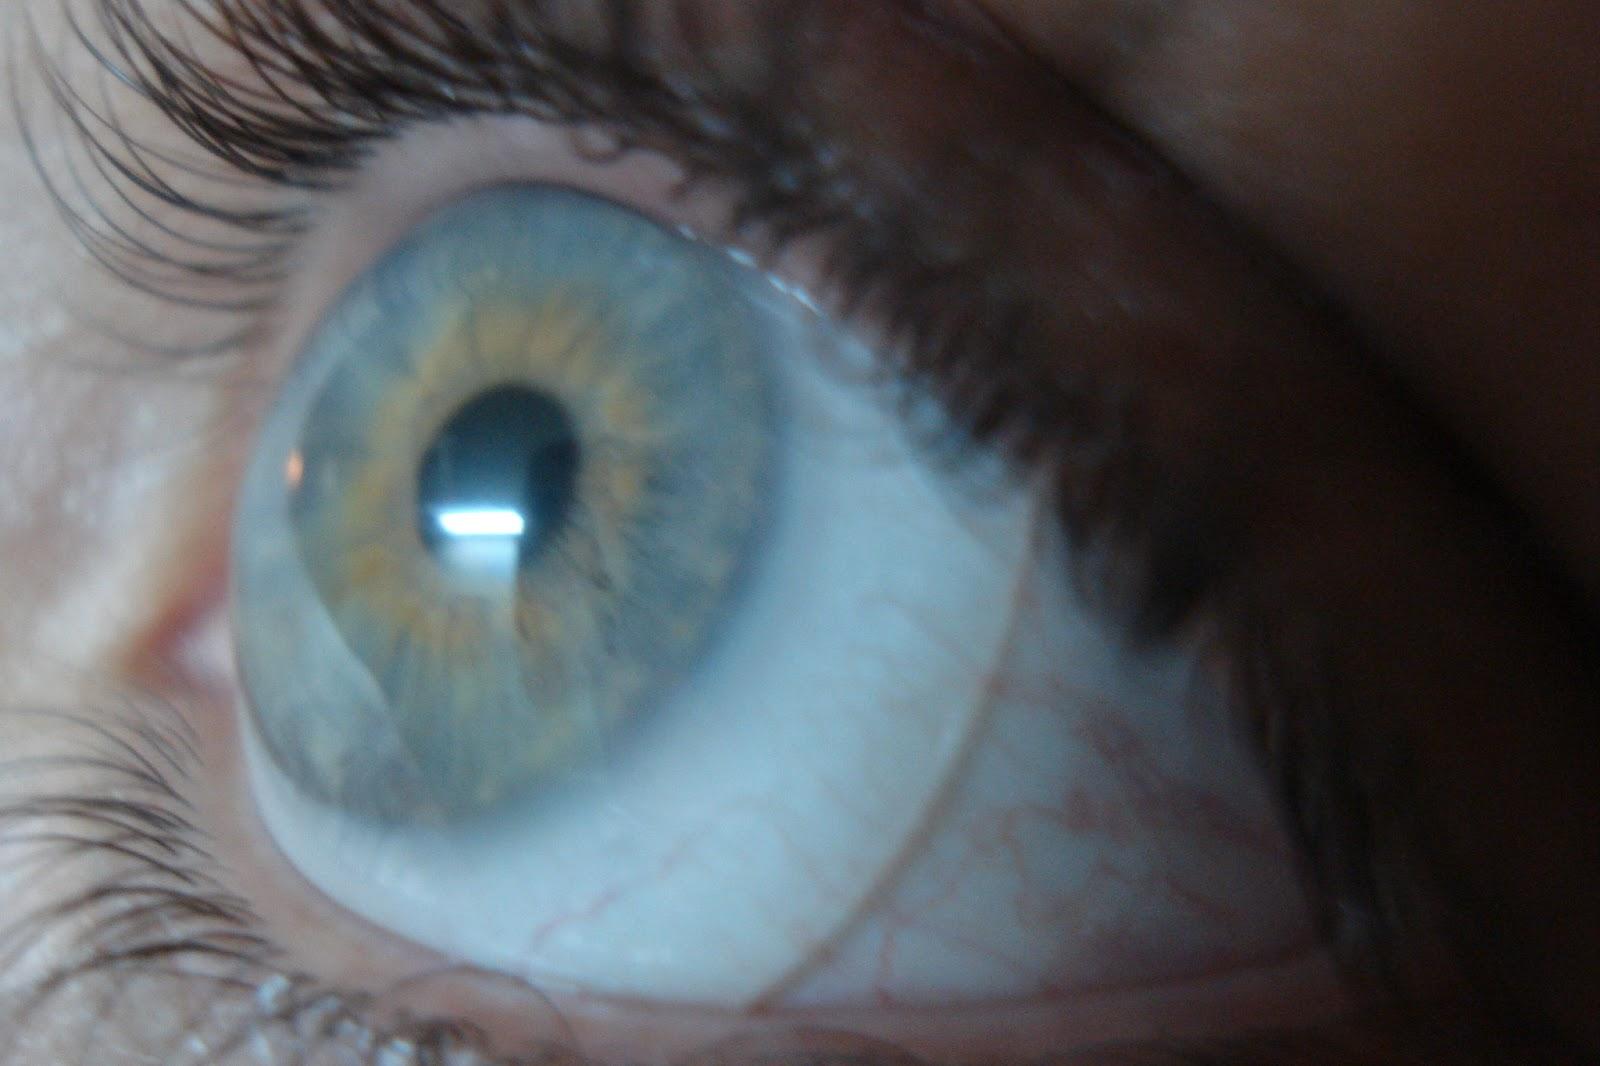 Informações para médicos oftalmologistas e pacientes sobre as lentes  esclerais modernas. ffa77ad1c8